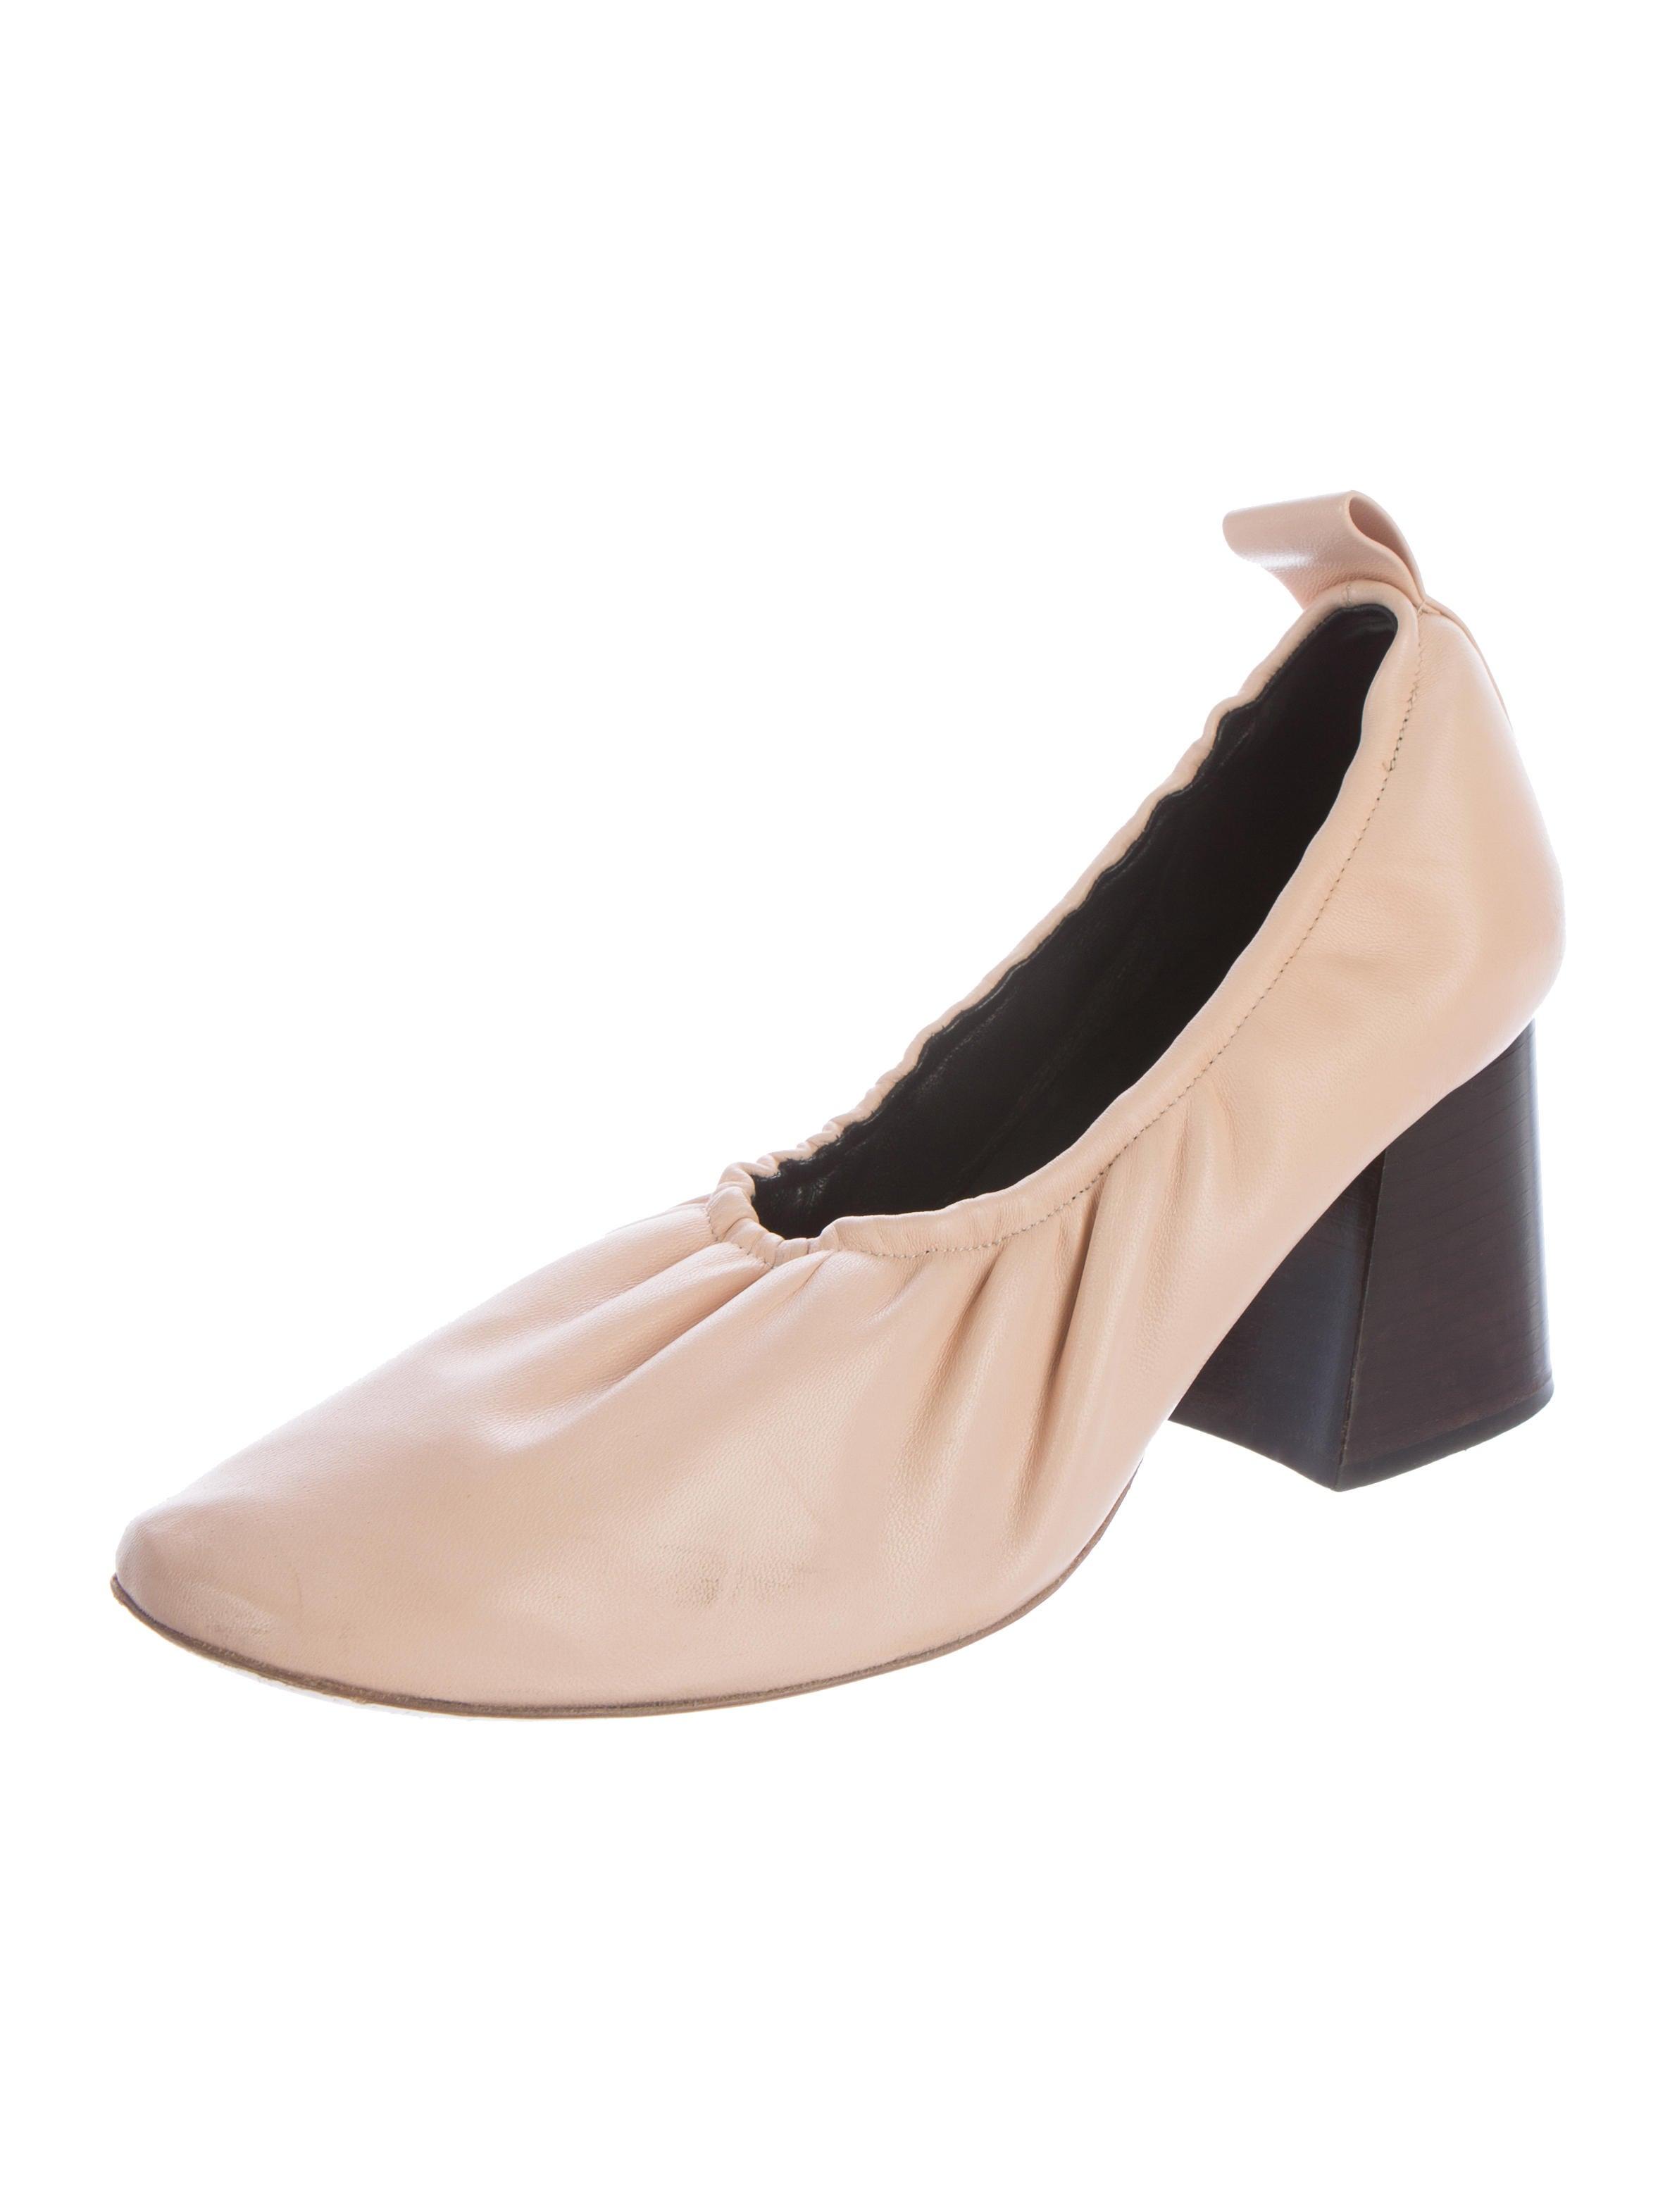 c 233 line leather ballerina pumps shoes cel44948 the